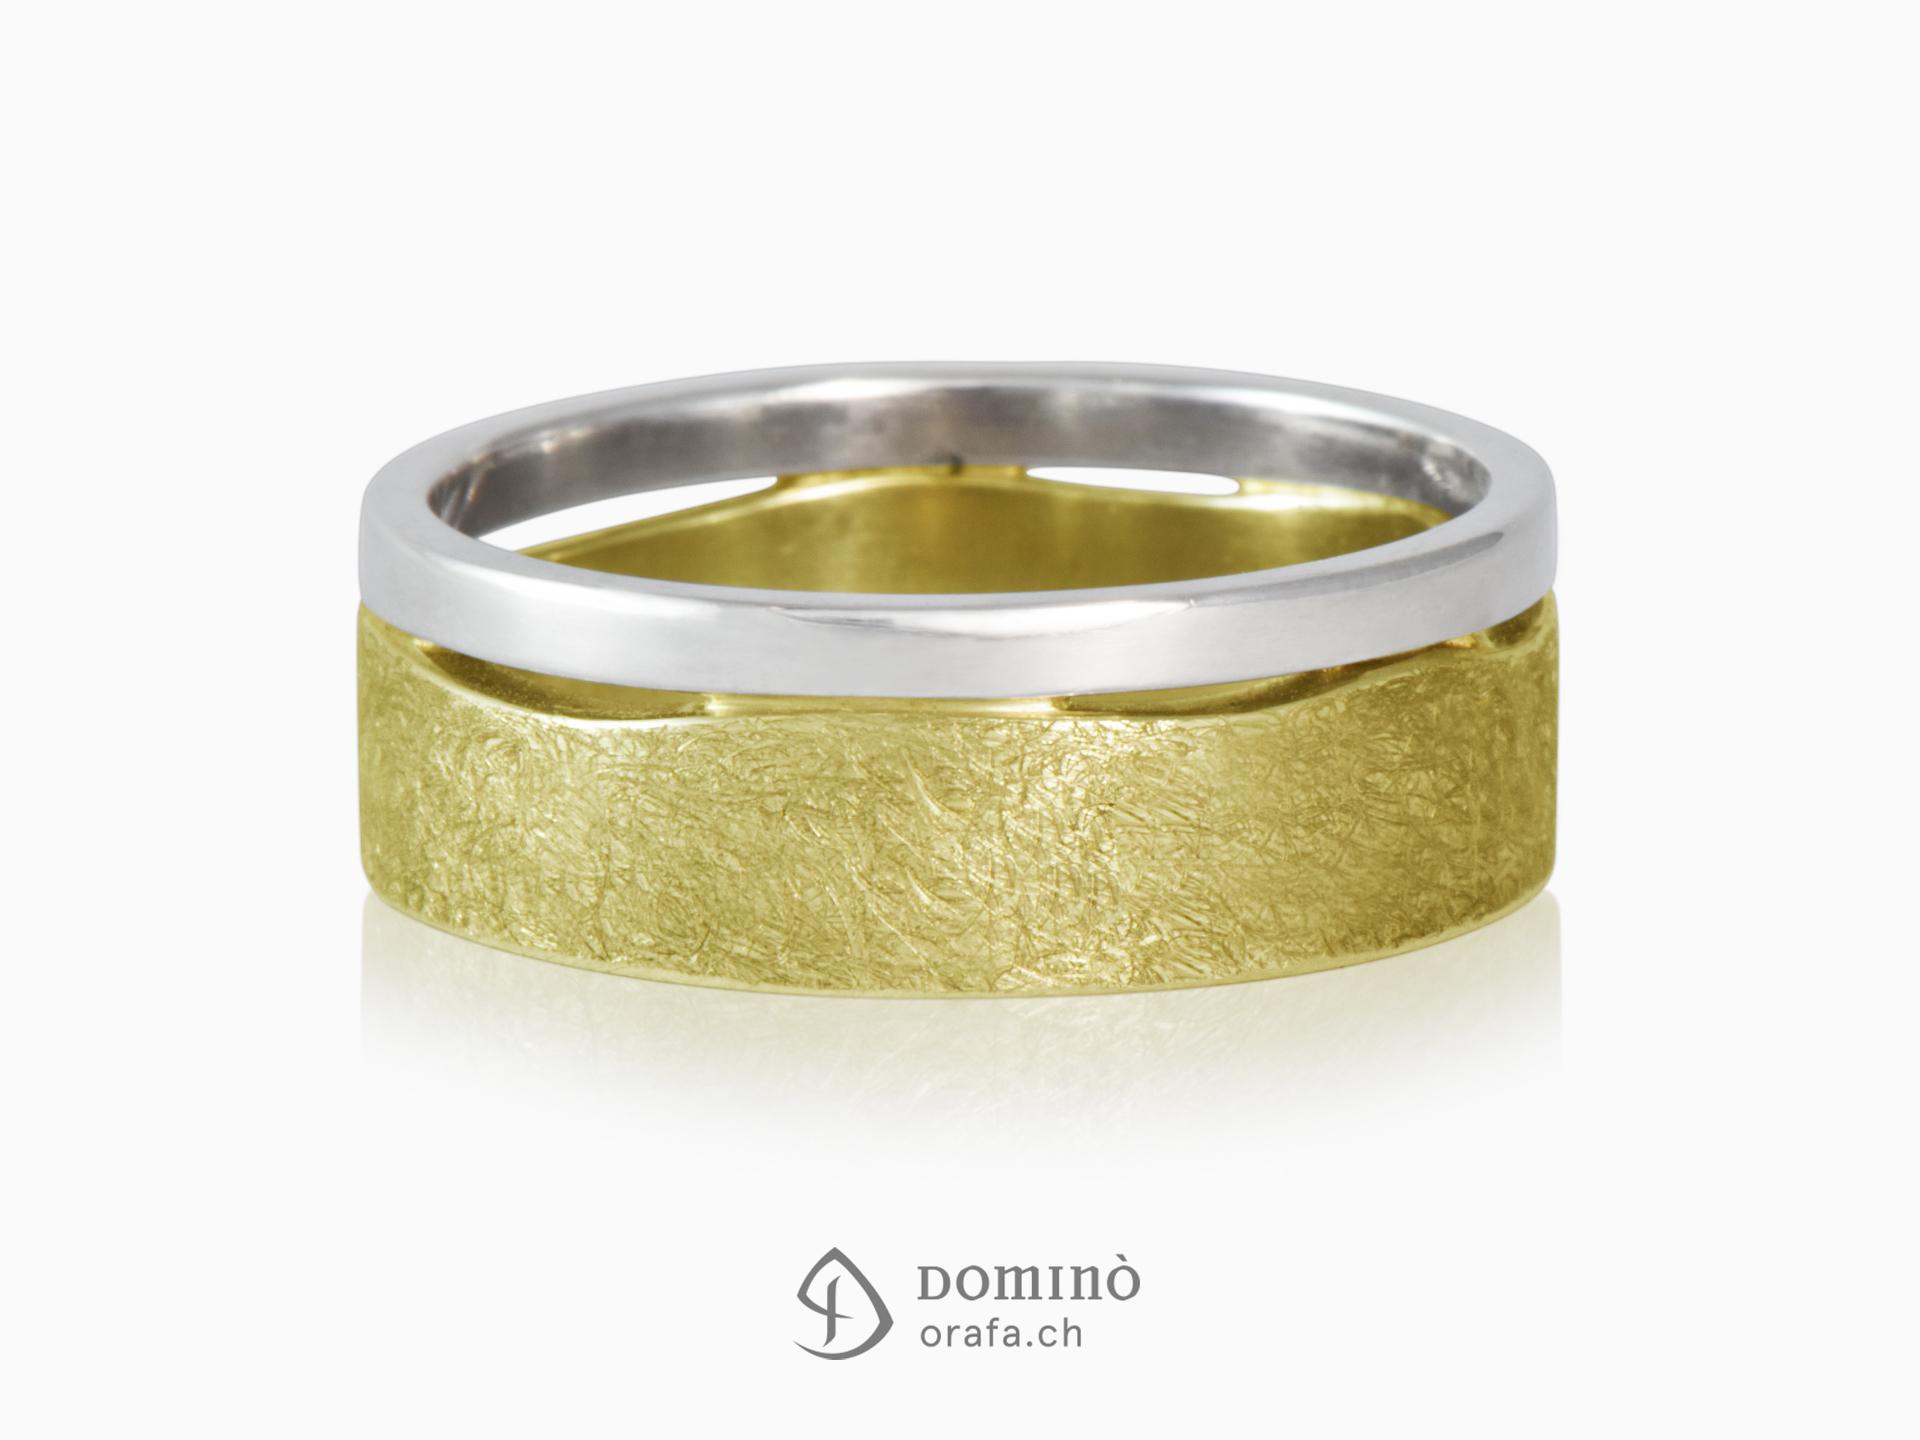 anelli-doppi-onda-lucido-graffiato-bicolore-oro-bianco-giallo